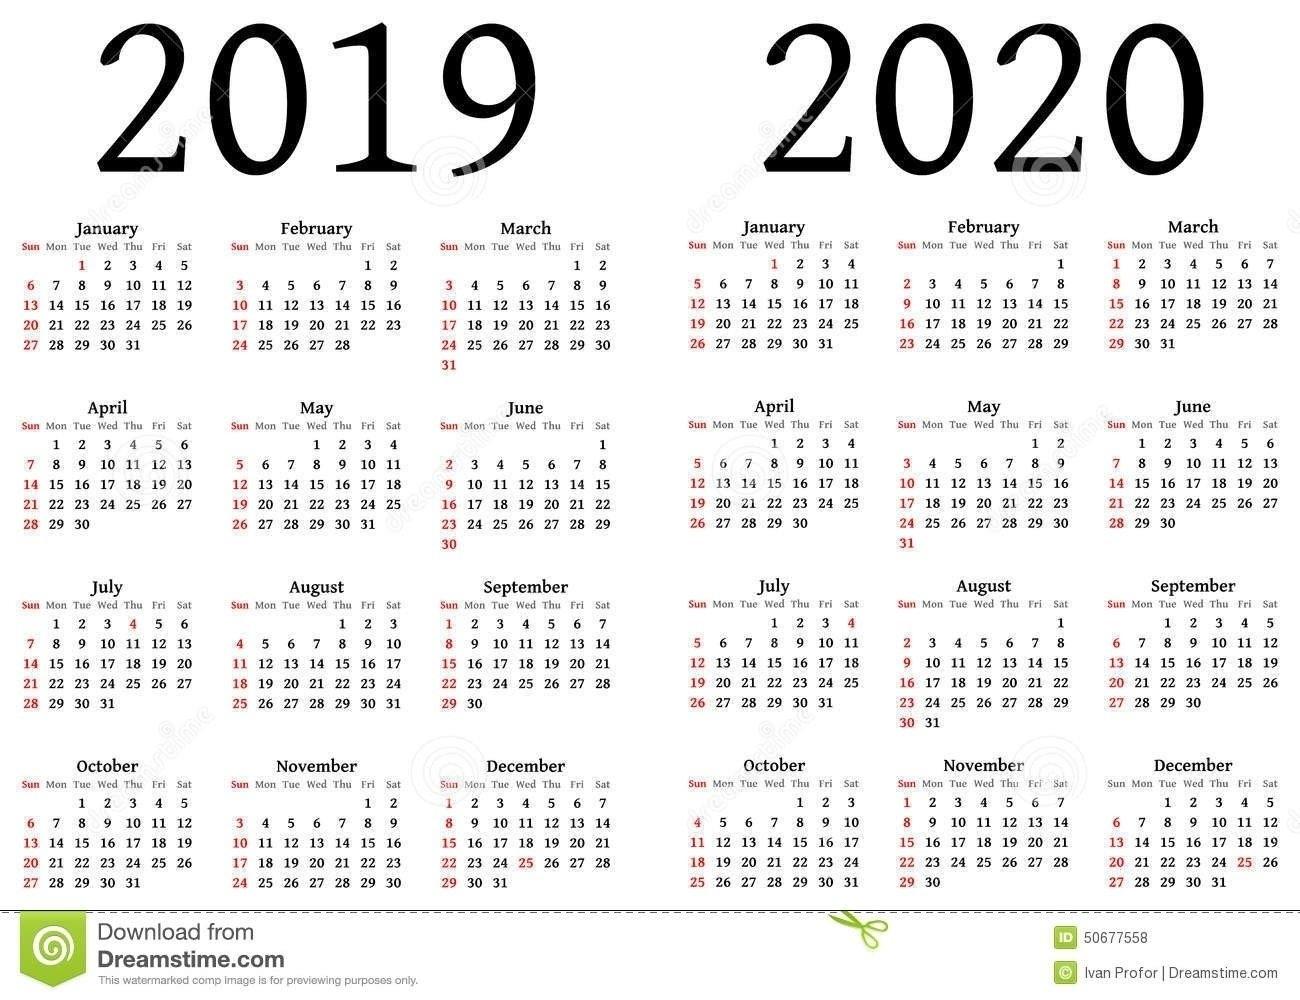 Depo-Provera Calendar 2020 2021 - Template Calendar Design within 2021 Printable Depo Calendar Photo